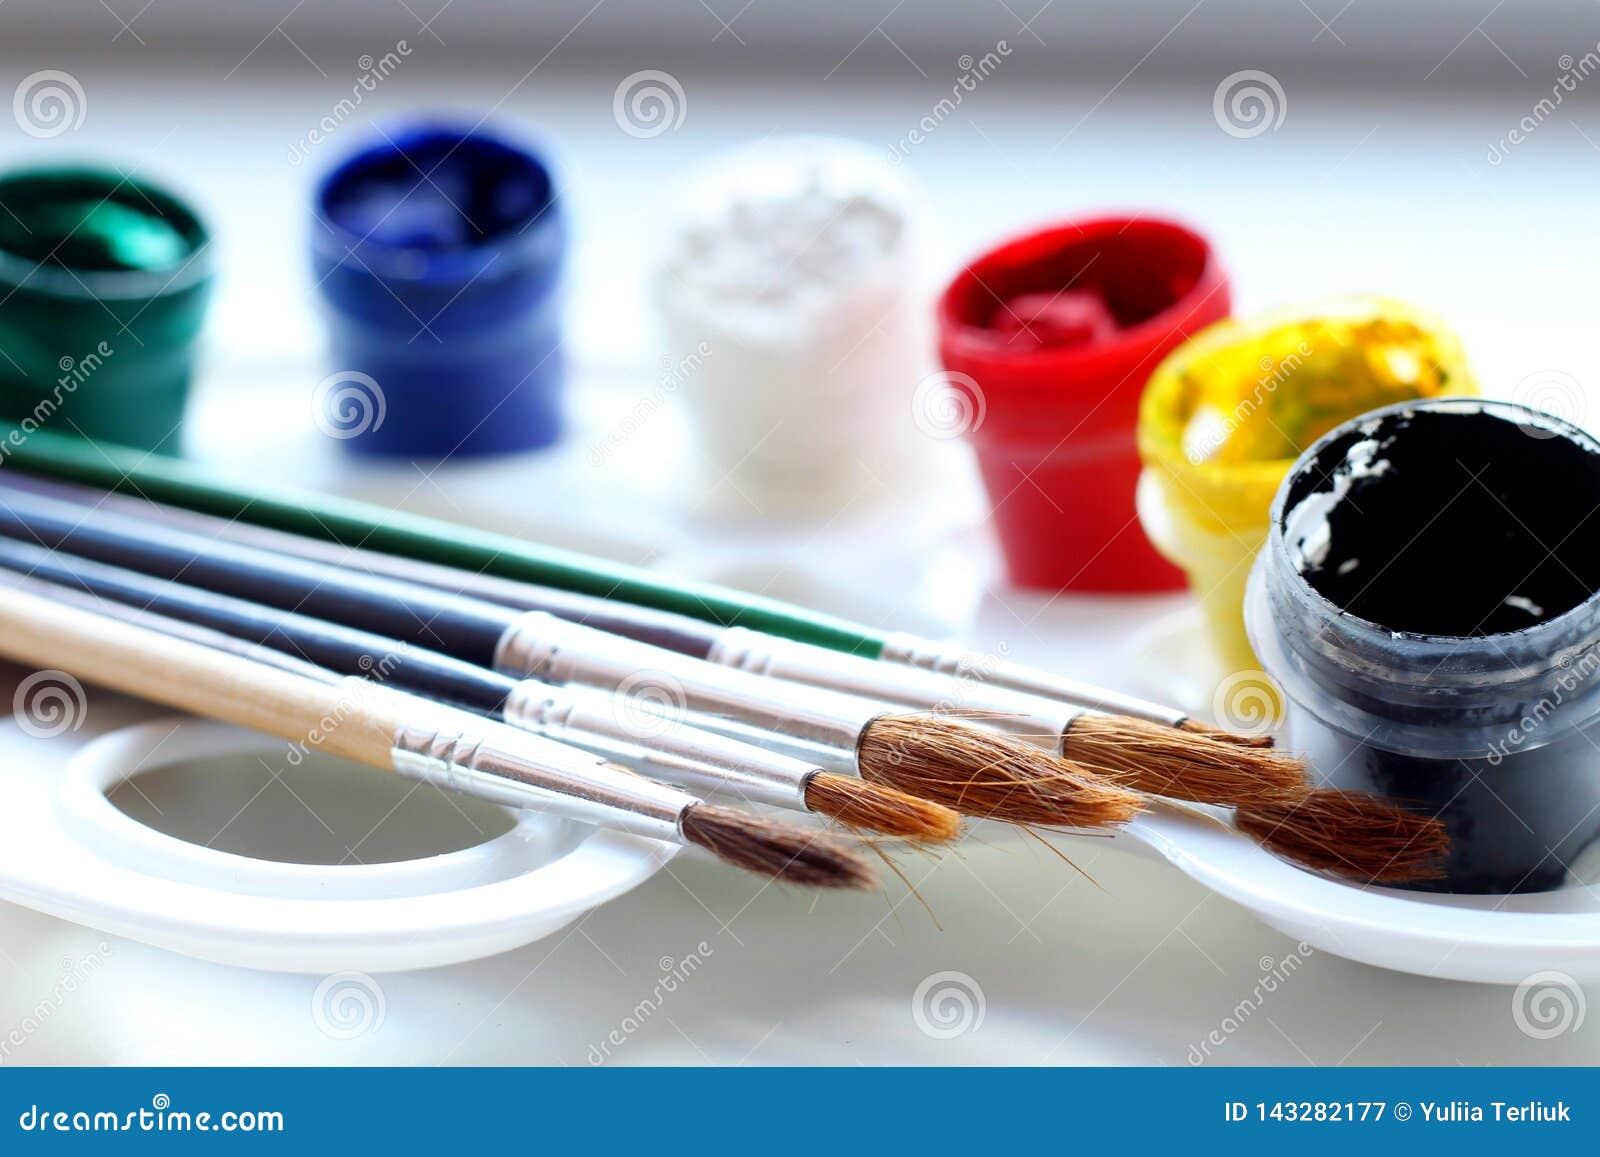 Pinturas coloreadas con los cepillos en una paleta blanca